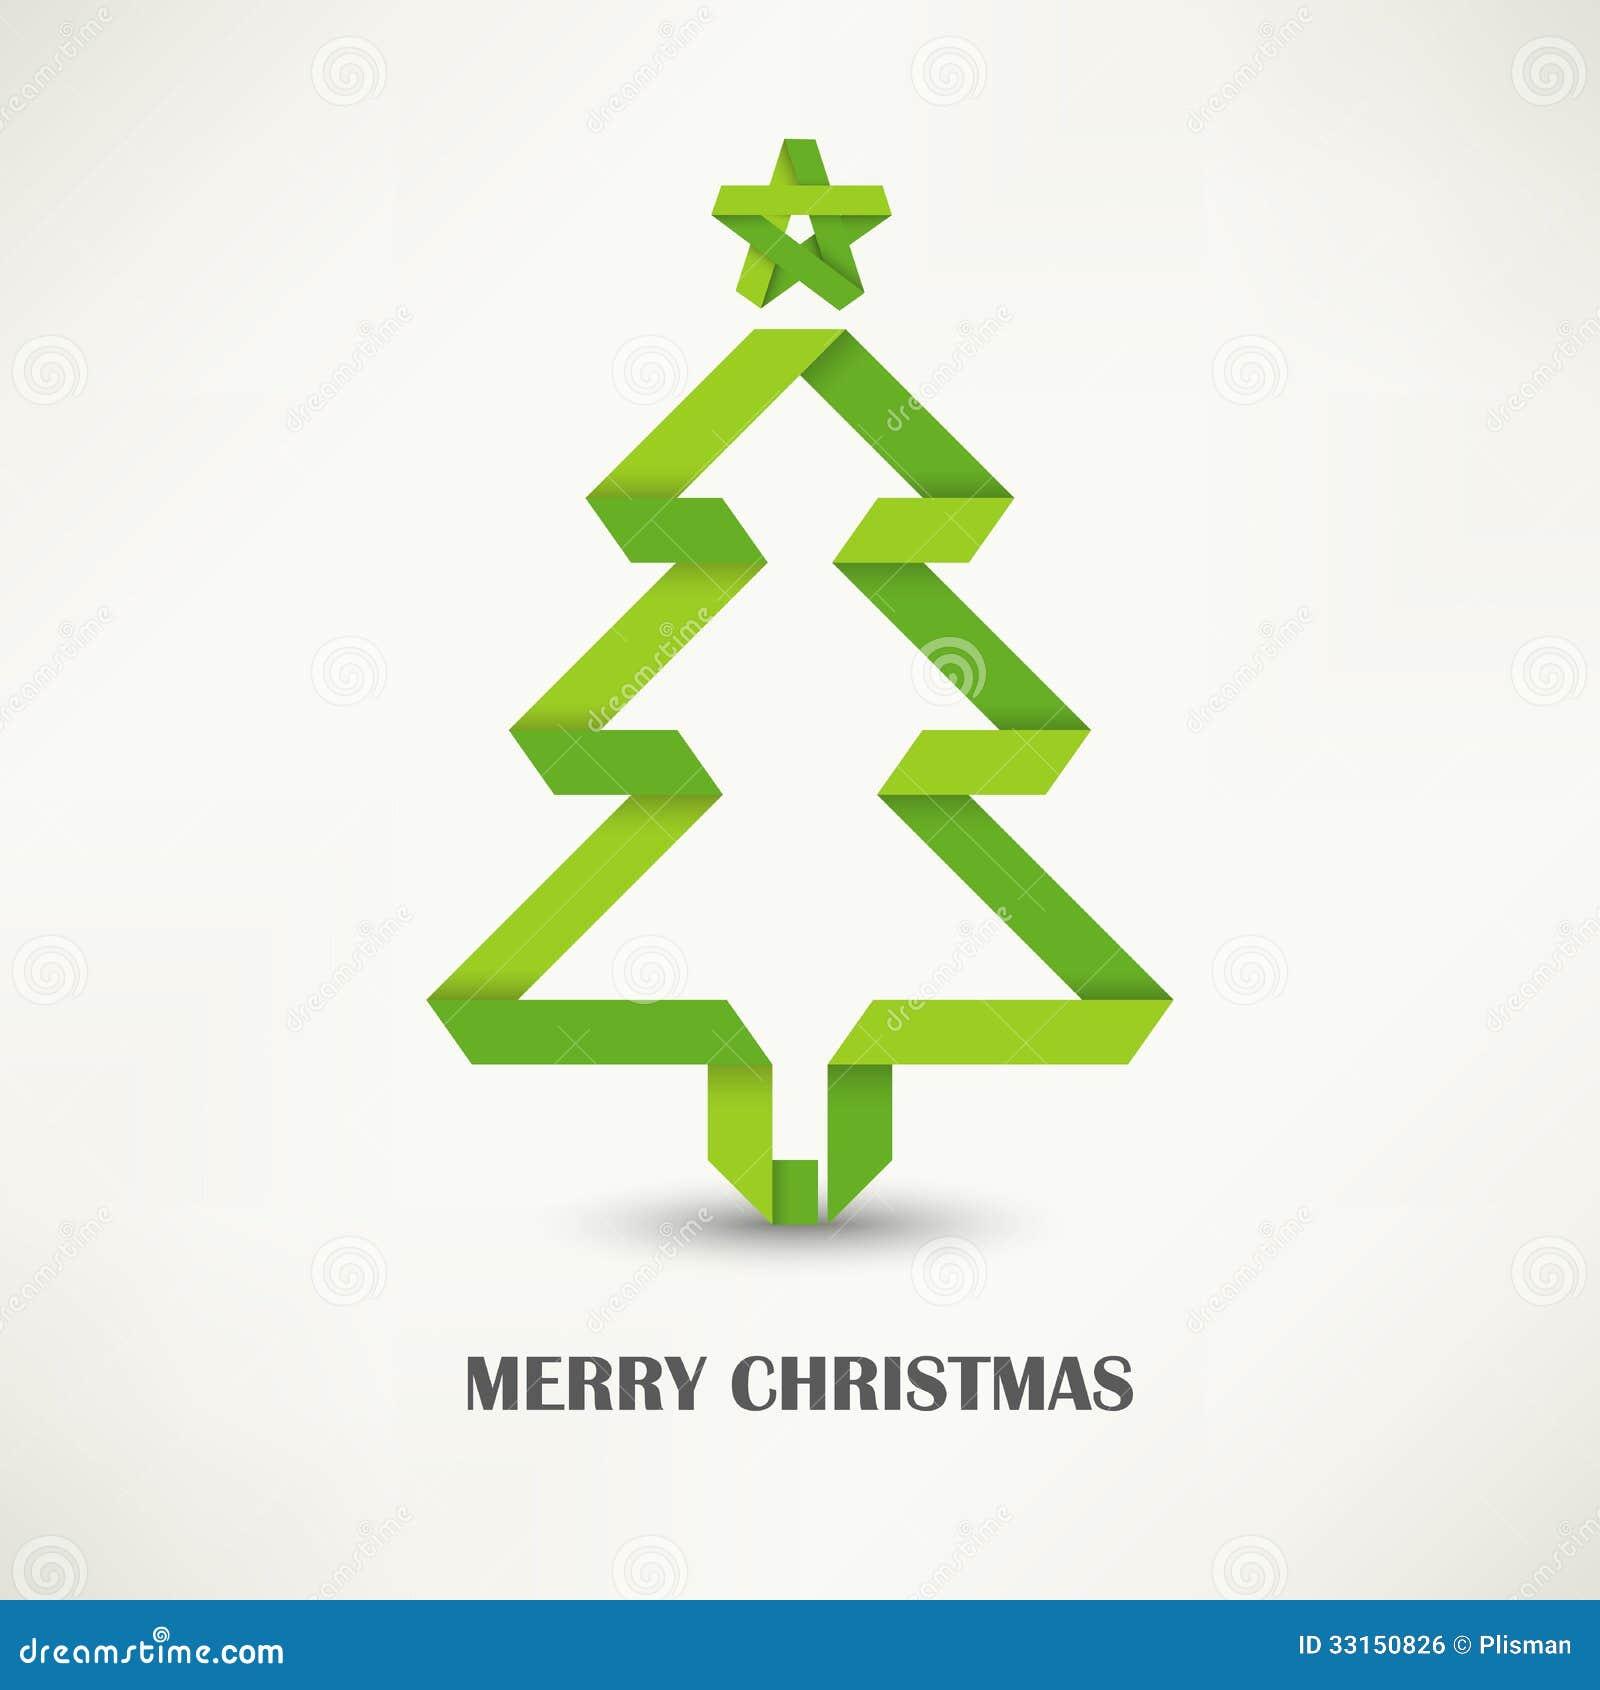 rbol de papel doblado del verde de la navidad imagen de archivo libre de regalas